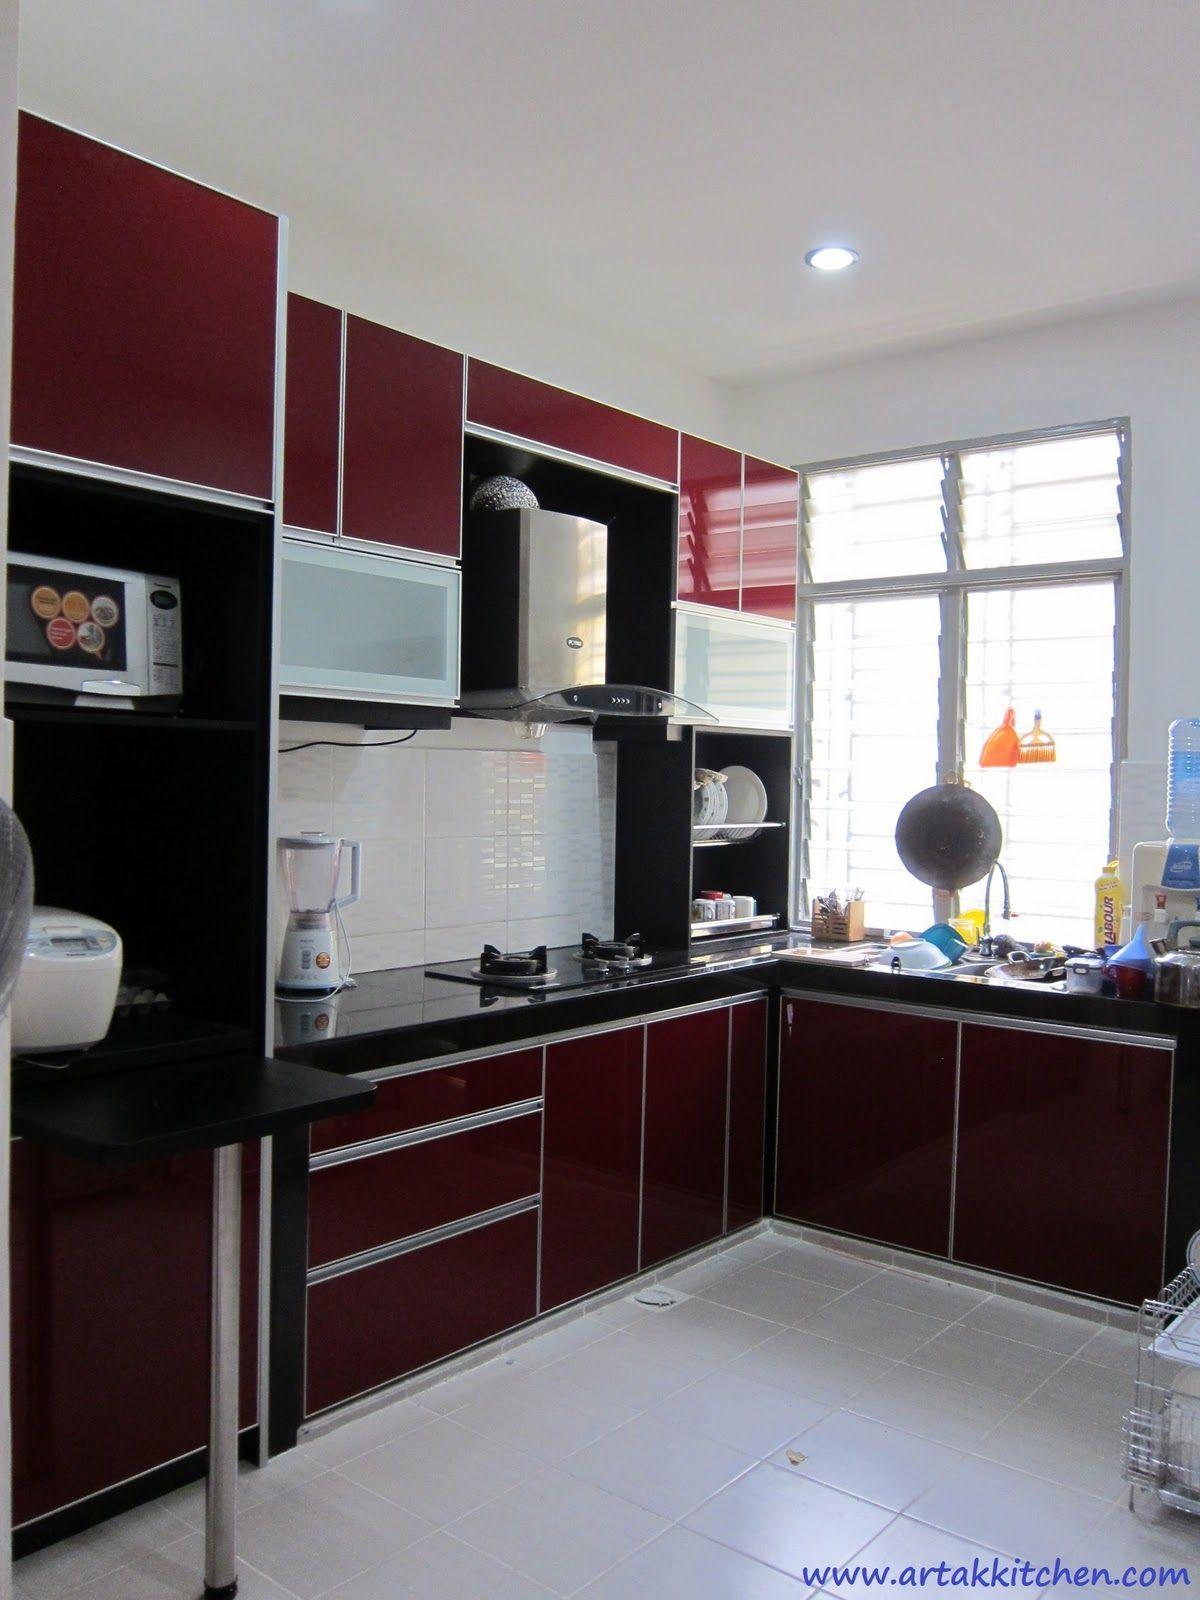 Image Result For Maroon Color Kitchen Cabinets Kitchen Image Result For Beige Cab In 2020 Modern Kitchen Cabinet Design Kitchen Cabinet Colors Kitchen Cabinet Design